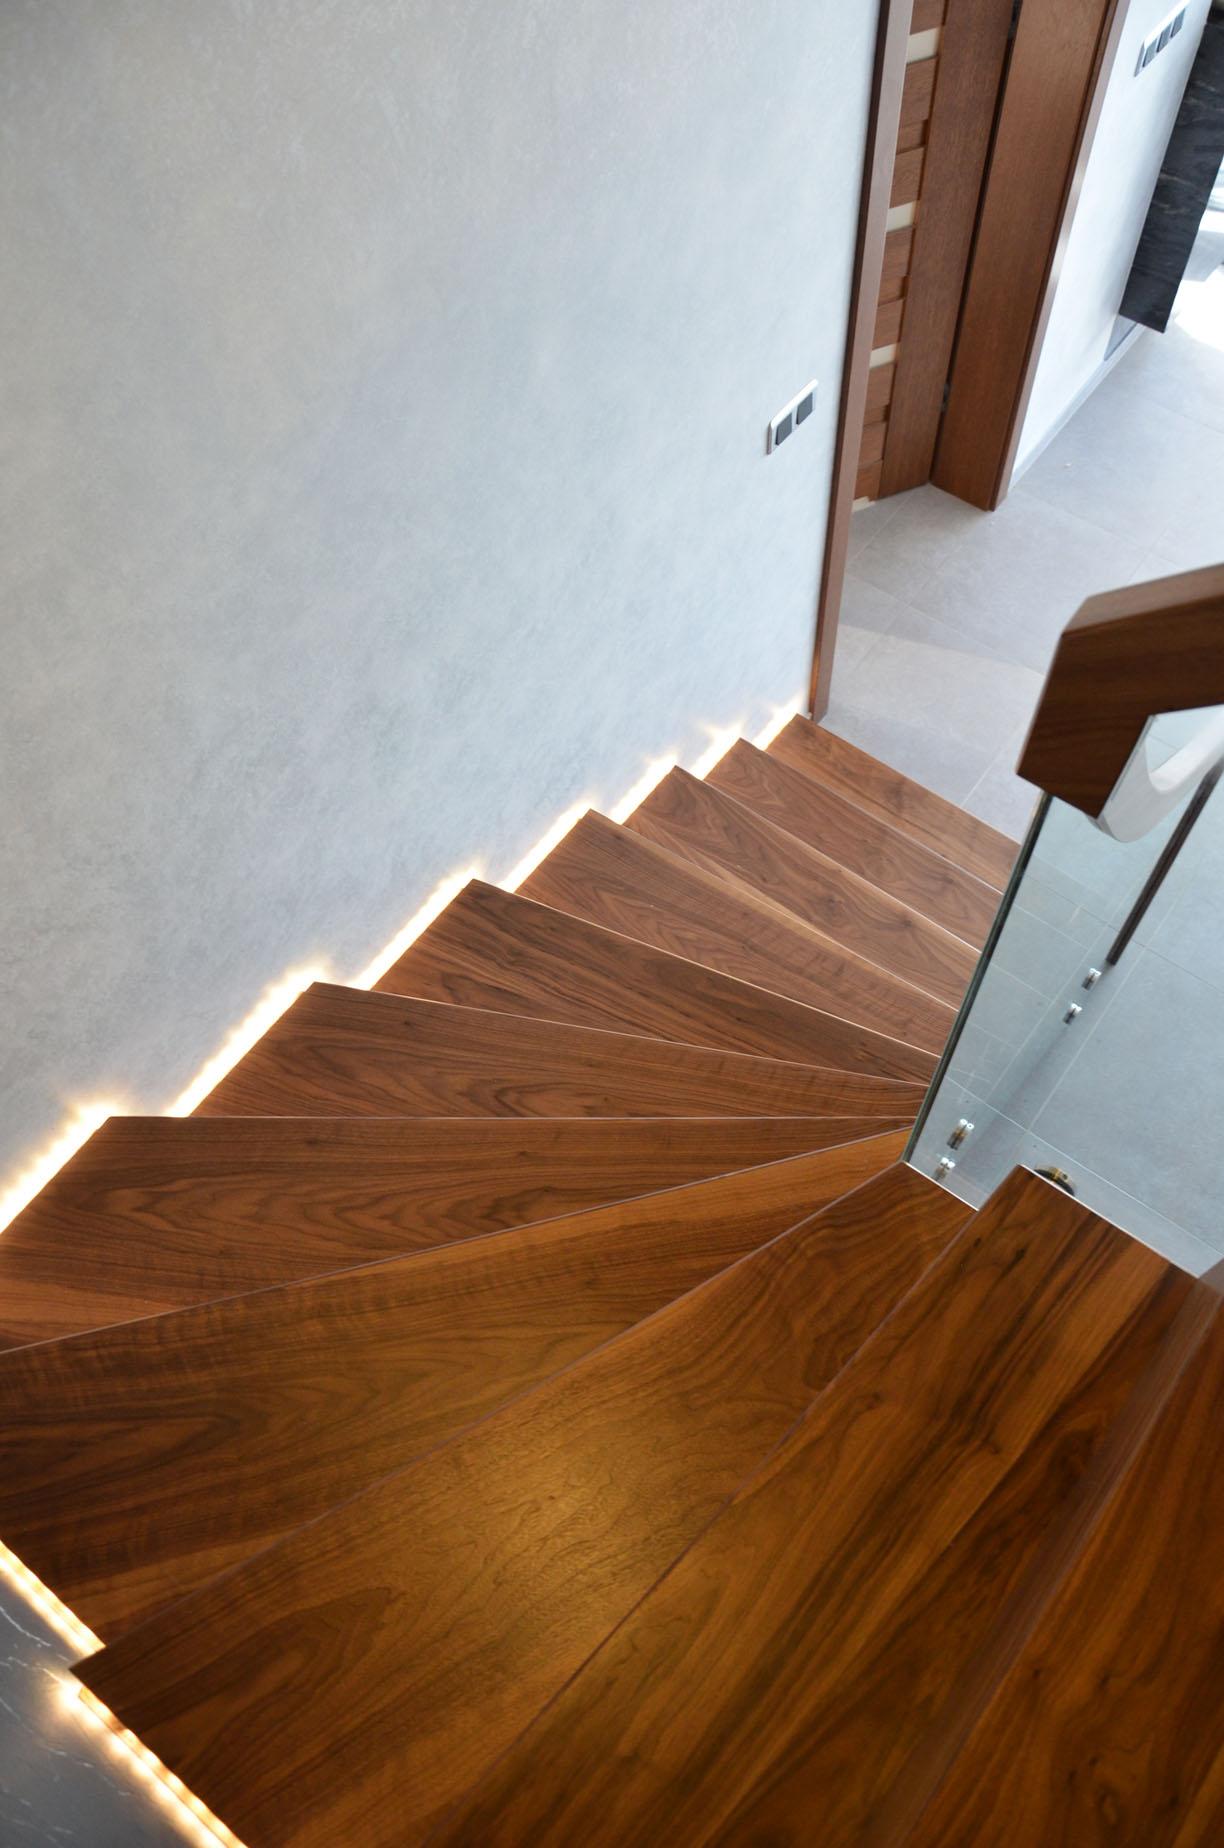 ab-schody-dywanowe-z-orzecha-amerykanskiego-7